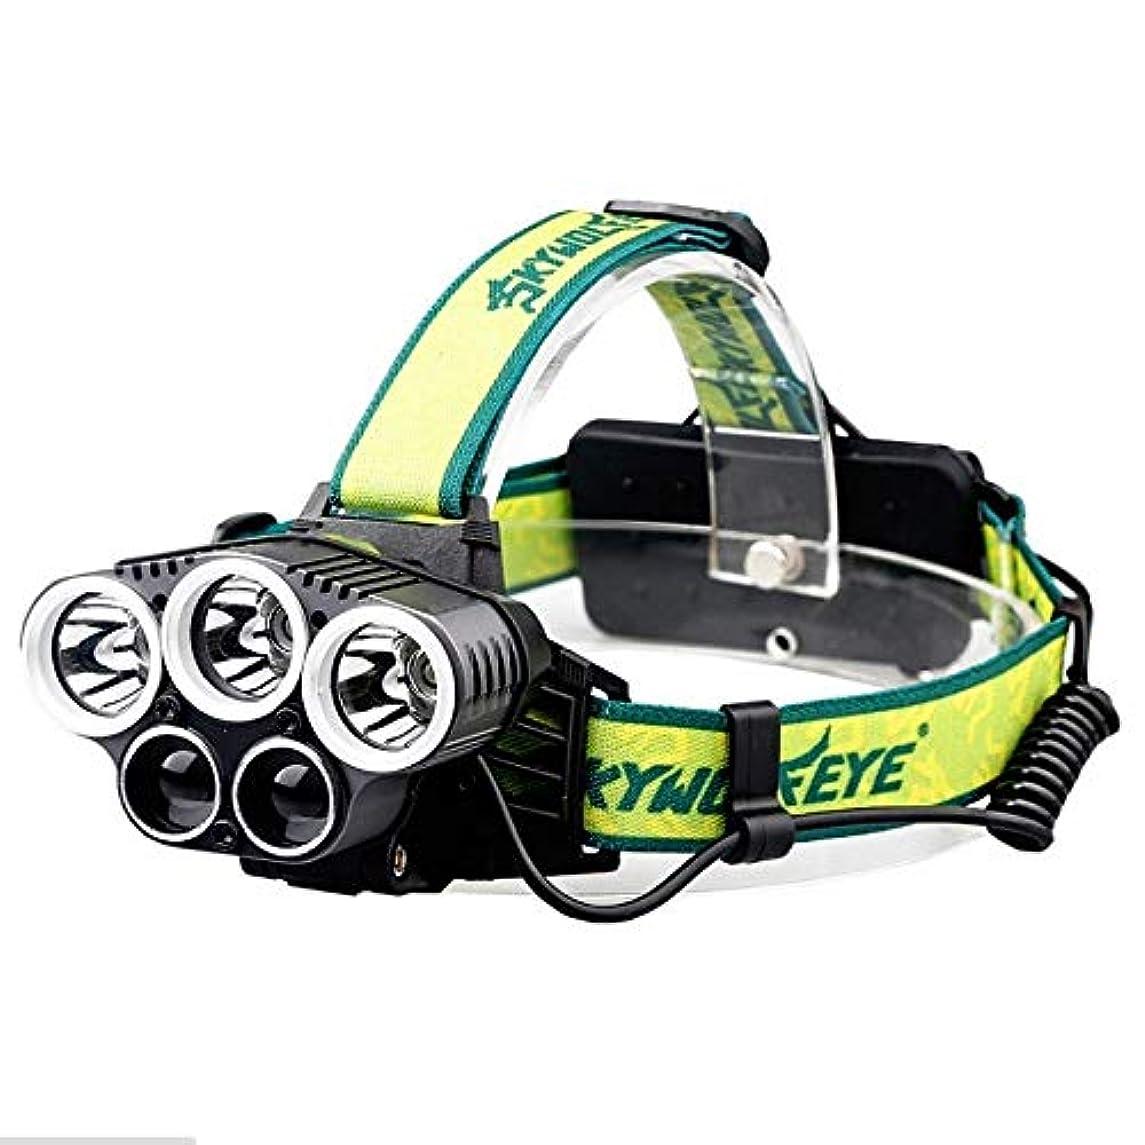 飲料キャンディー保全屋外usb 5ヘッドライト3 * T6 + 2 * XPEランプビーズ18650充電式グレア5LEDキャンプヘッドライト夜釣り狩猟汎用ヘッドライト